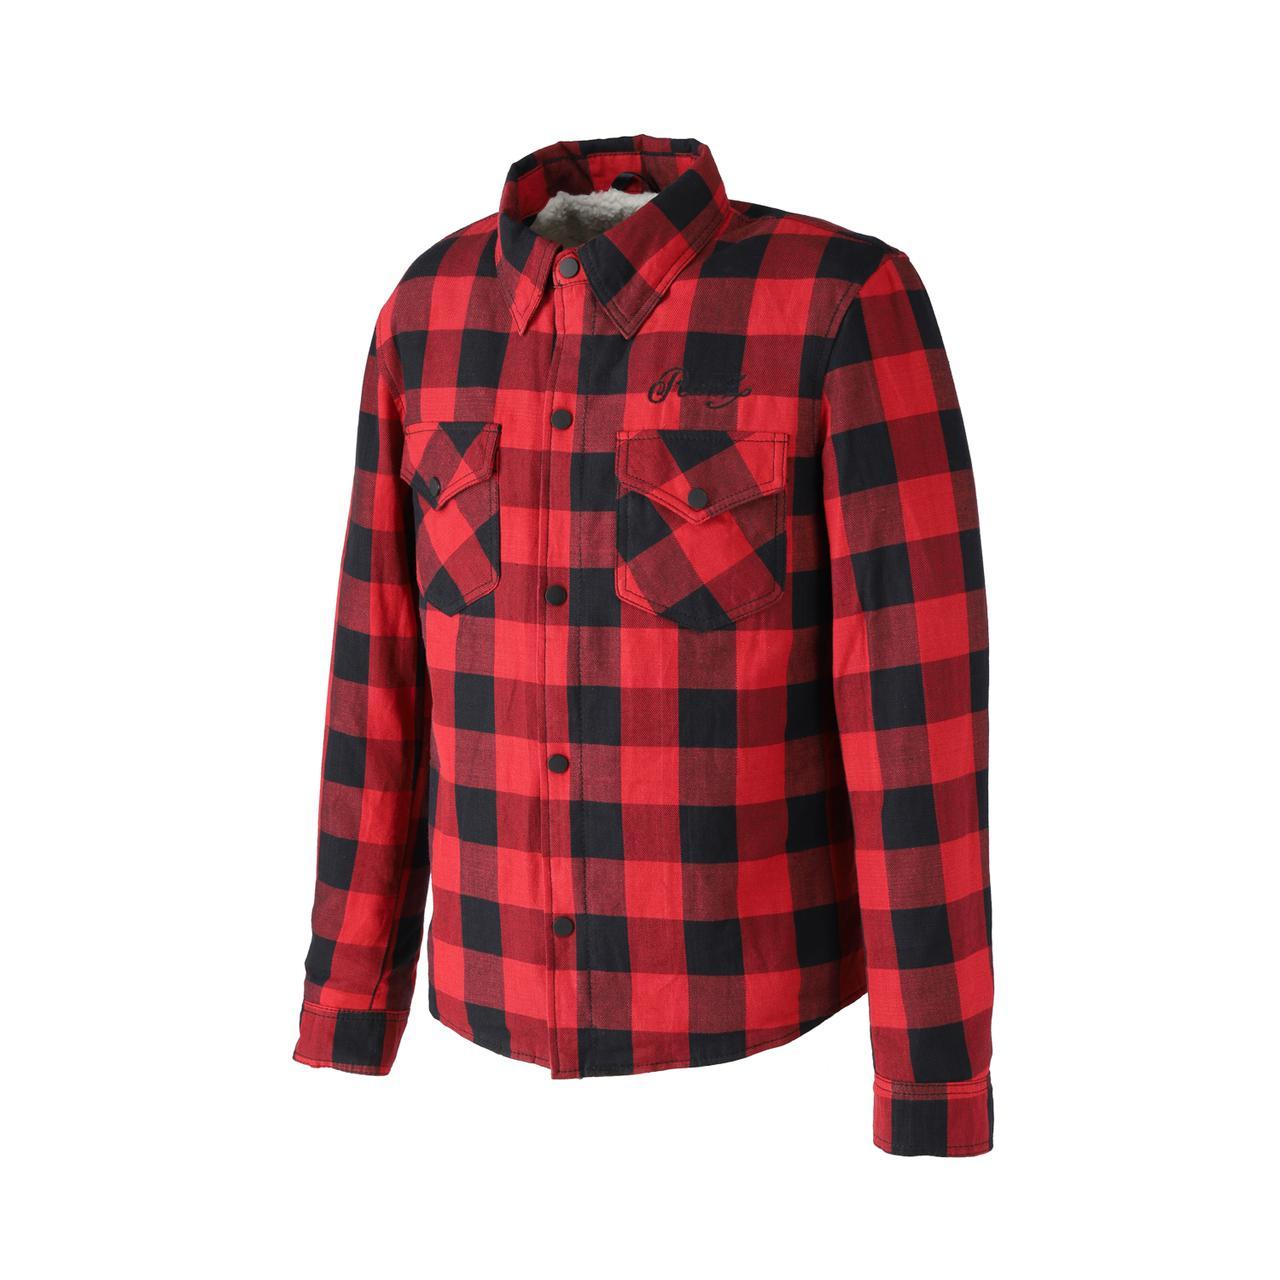 画像4: 裏地にボアが備わった冬用ネルシャツ! RIDEZから「モトフランネルシャツ」が発売